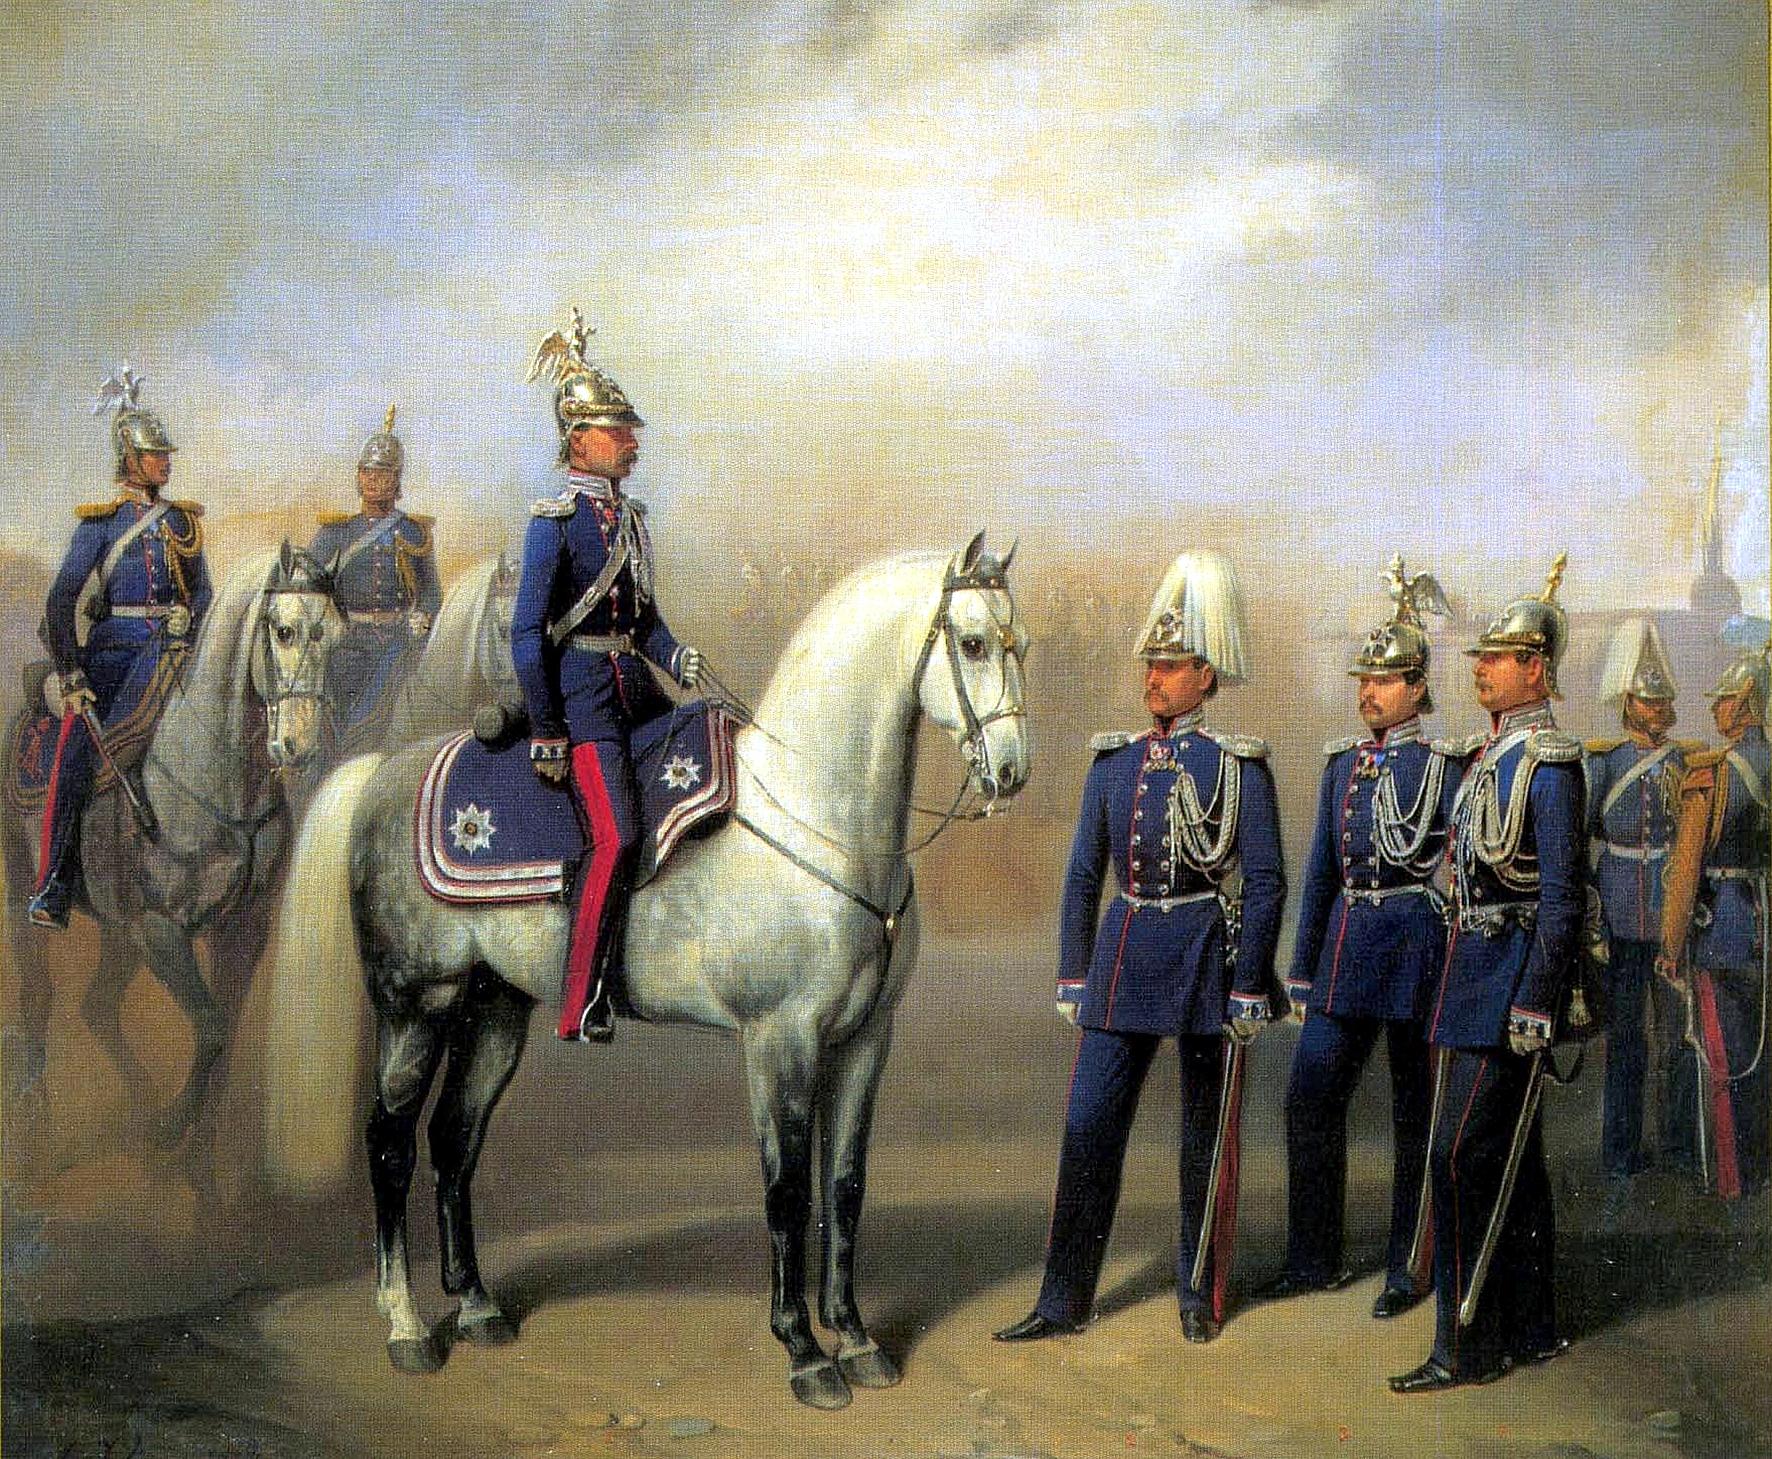 картинки императорской гвардии ожидаешь замерзшем царстве